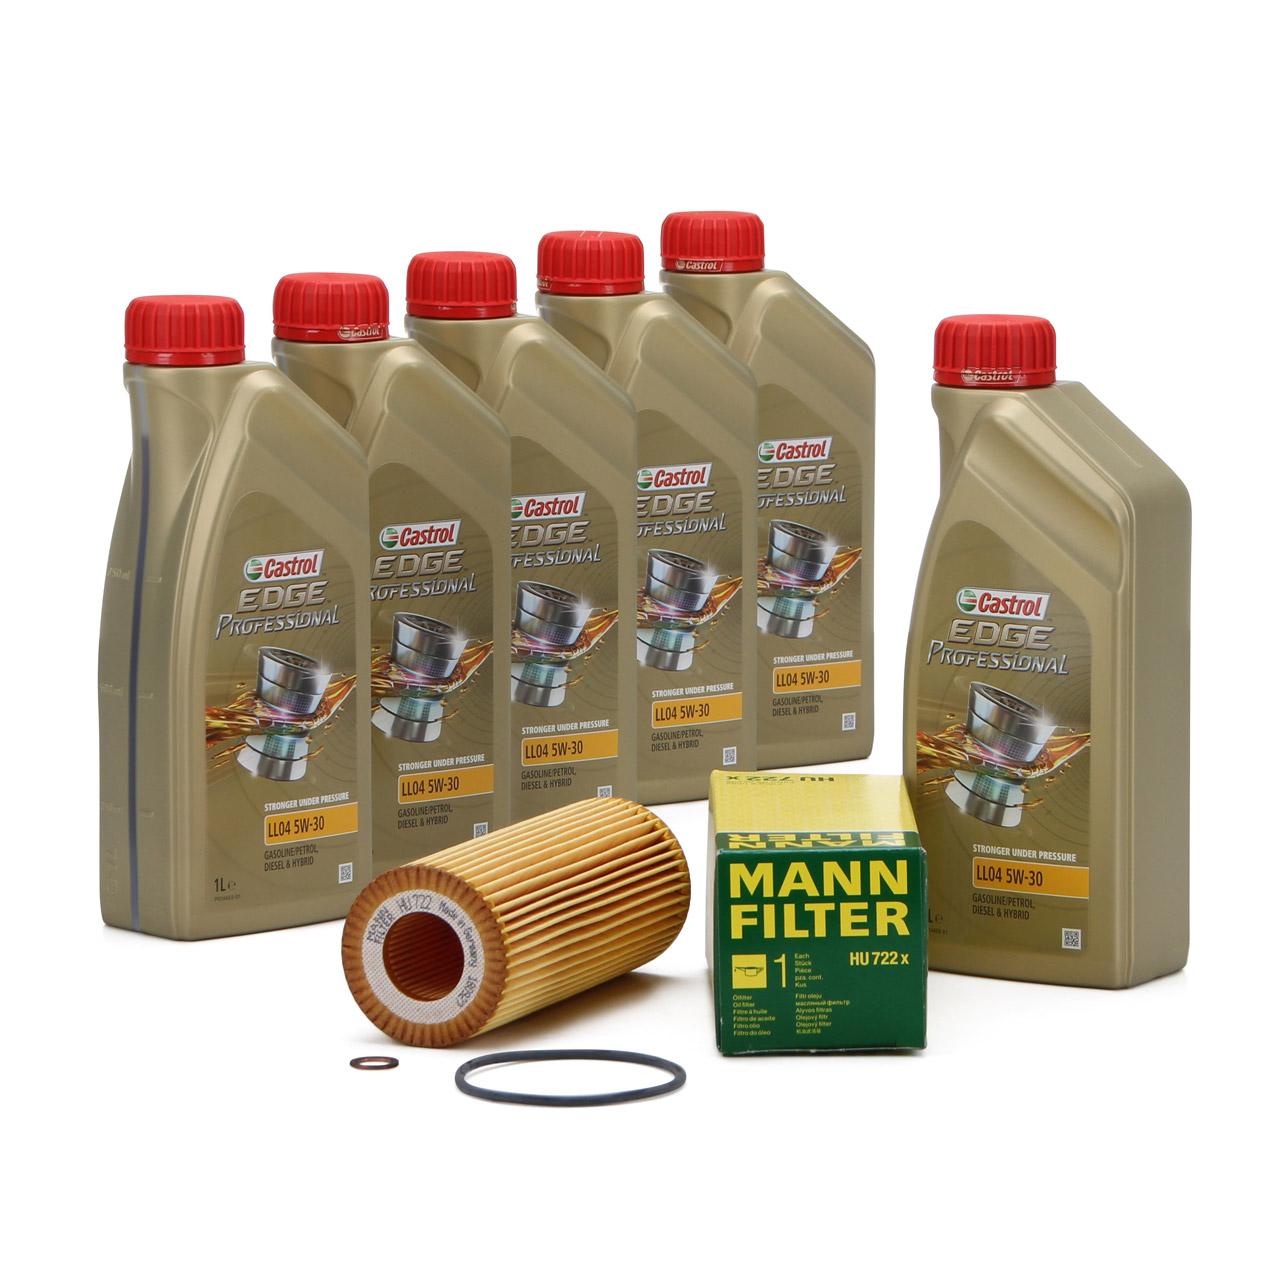 CASTROL EDGE Professional Motoröl Öl LL04 5W-30 6L + MANN Ölfilter HU722x